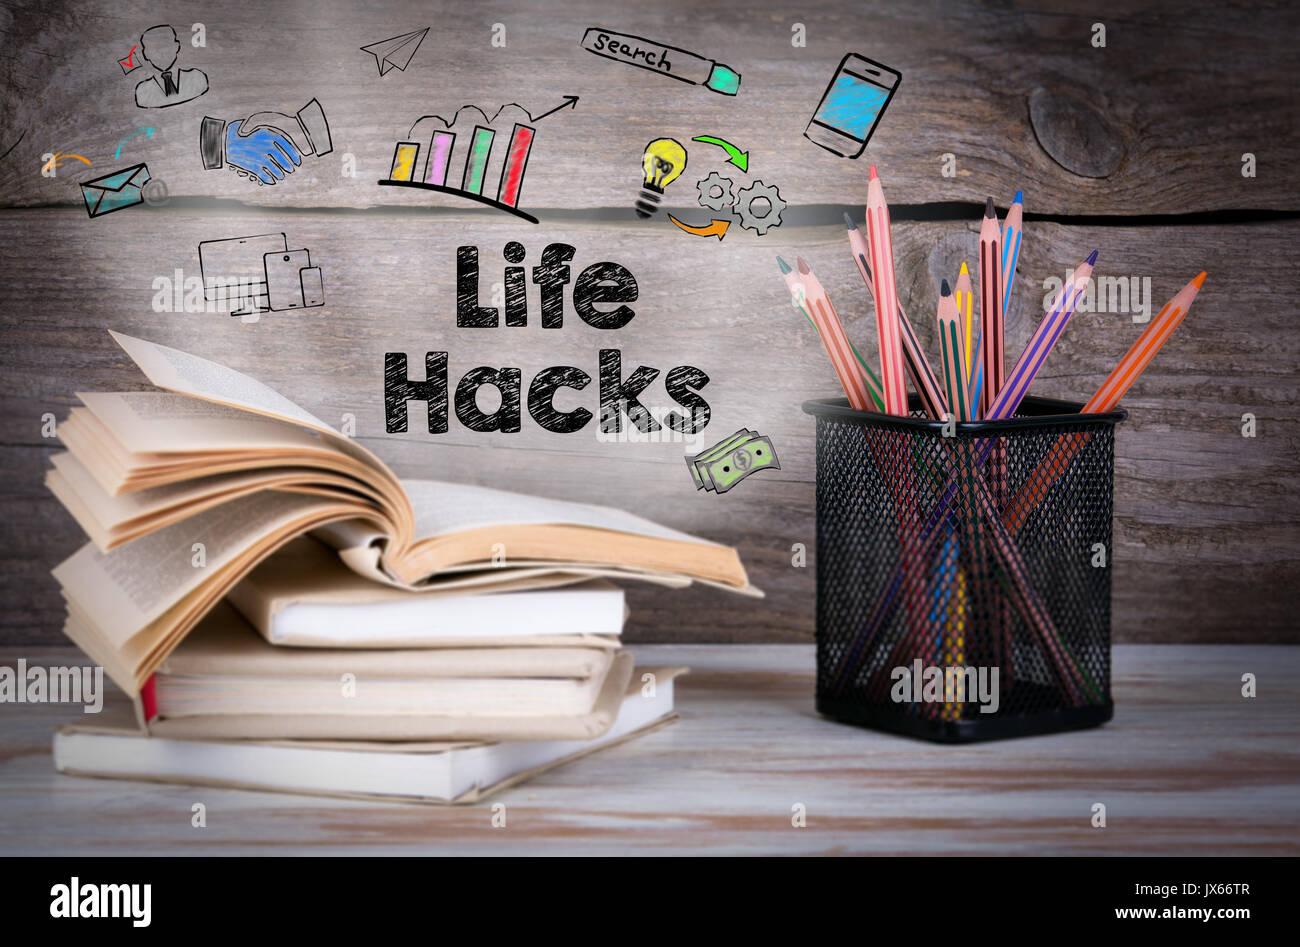 Leben Hacks. Stapel Bücher und Stifte auf dem Holztisch. Stockbild